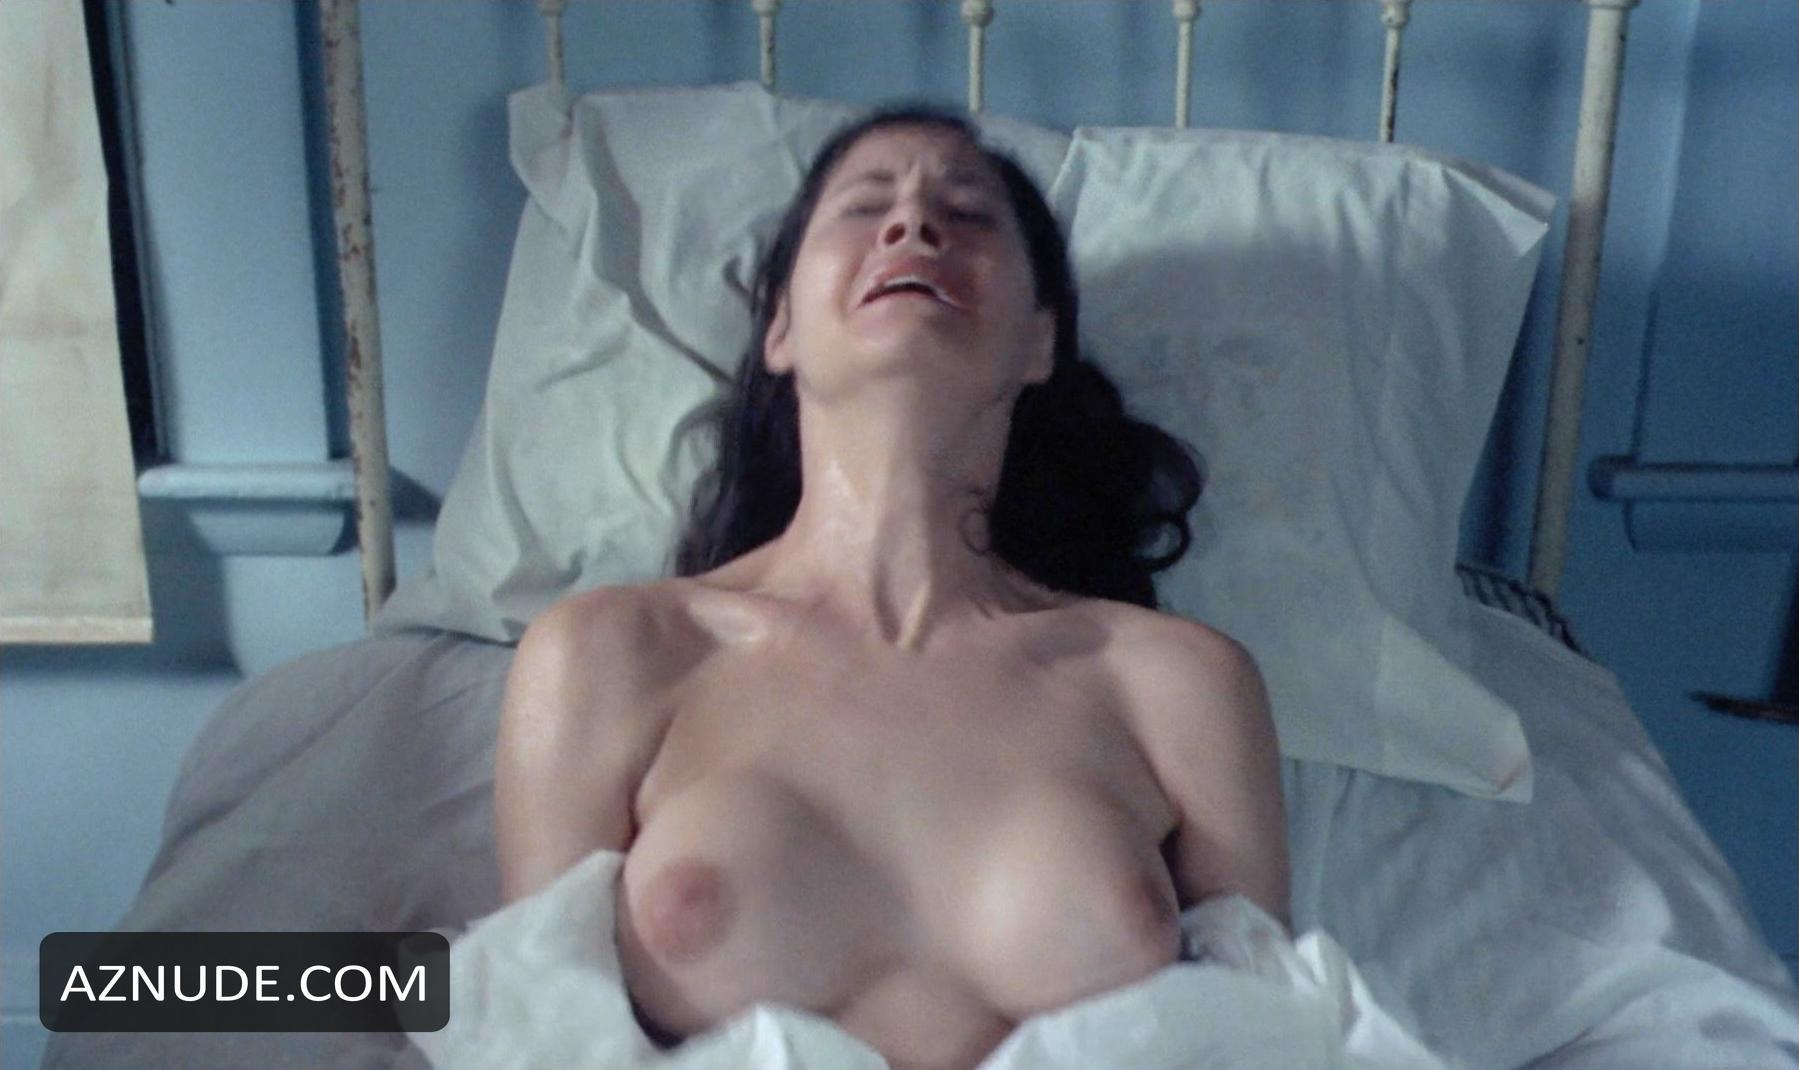 Just boobs nude